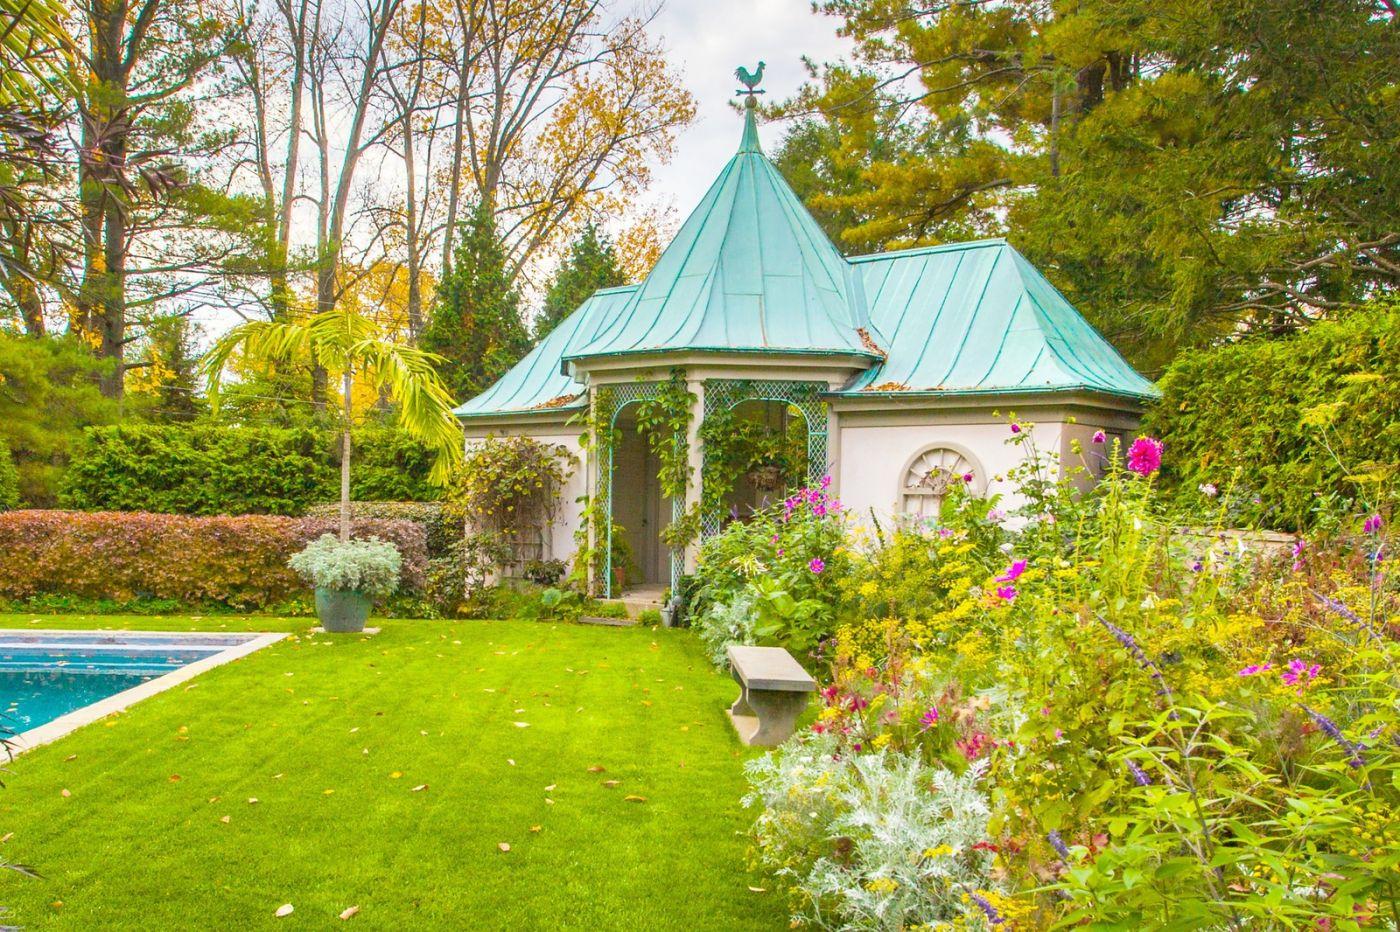 Chanticleer花园,花房泳池_图1-16